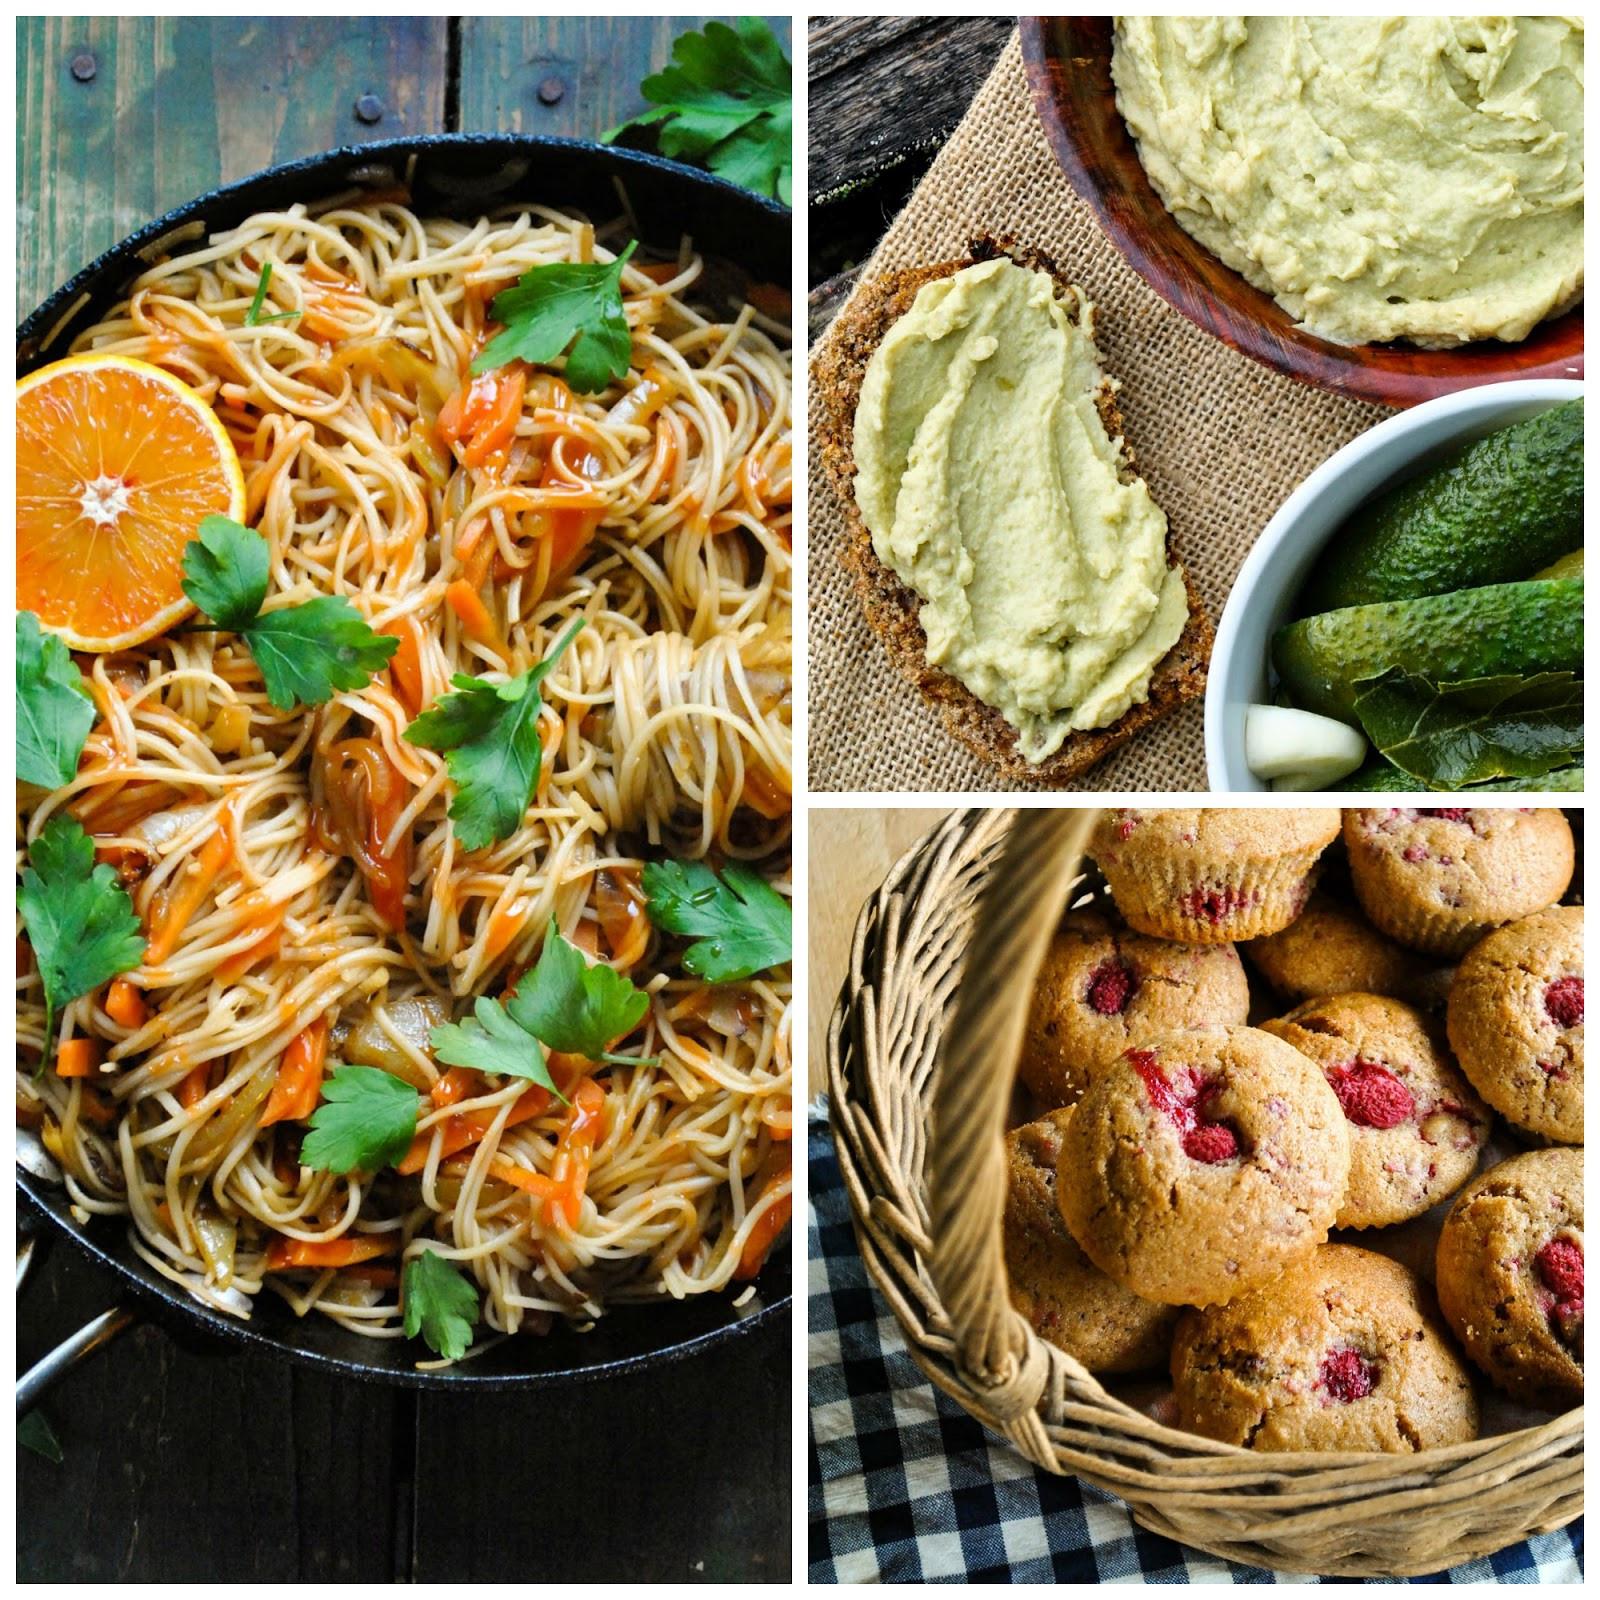 Easy Vegan Recipes For Beginners Simple  VeganSandra tasty cheap and easy vegan recipes by